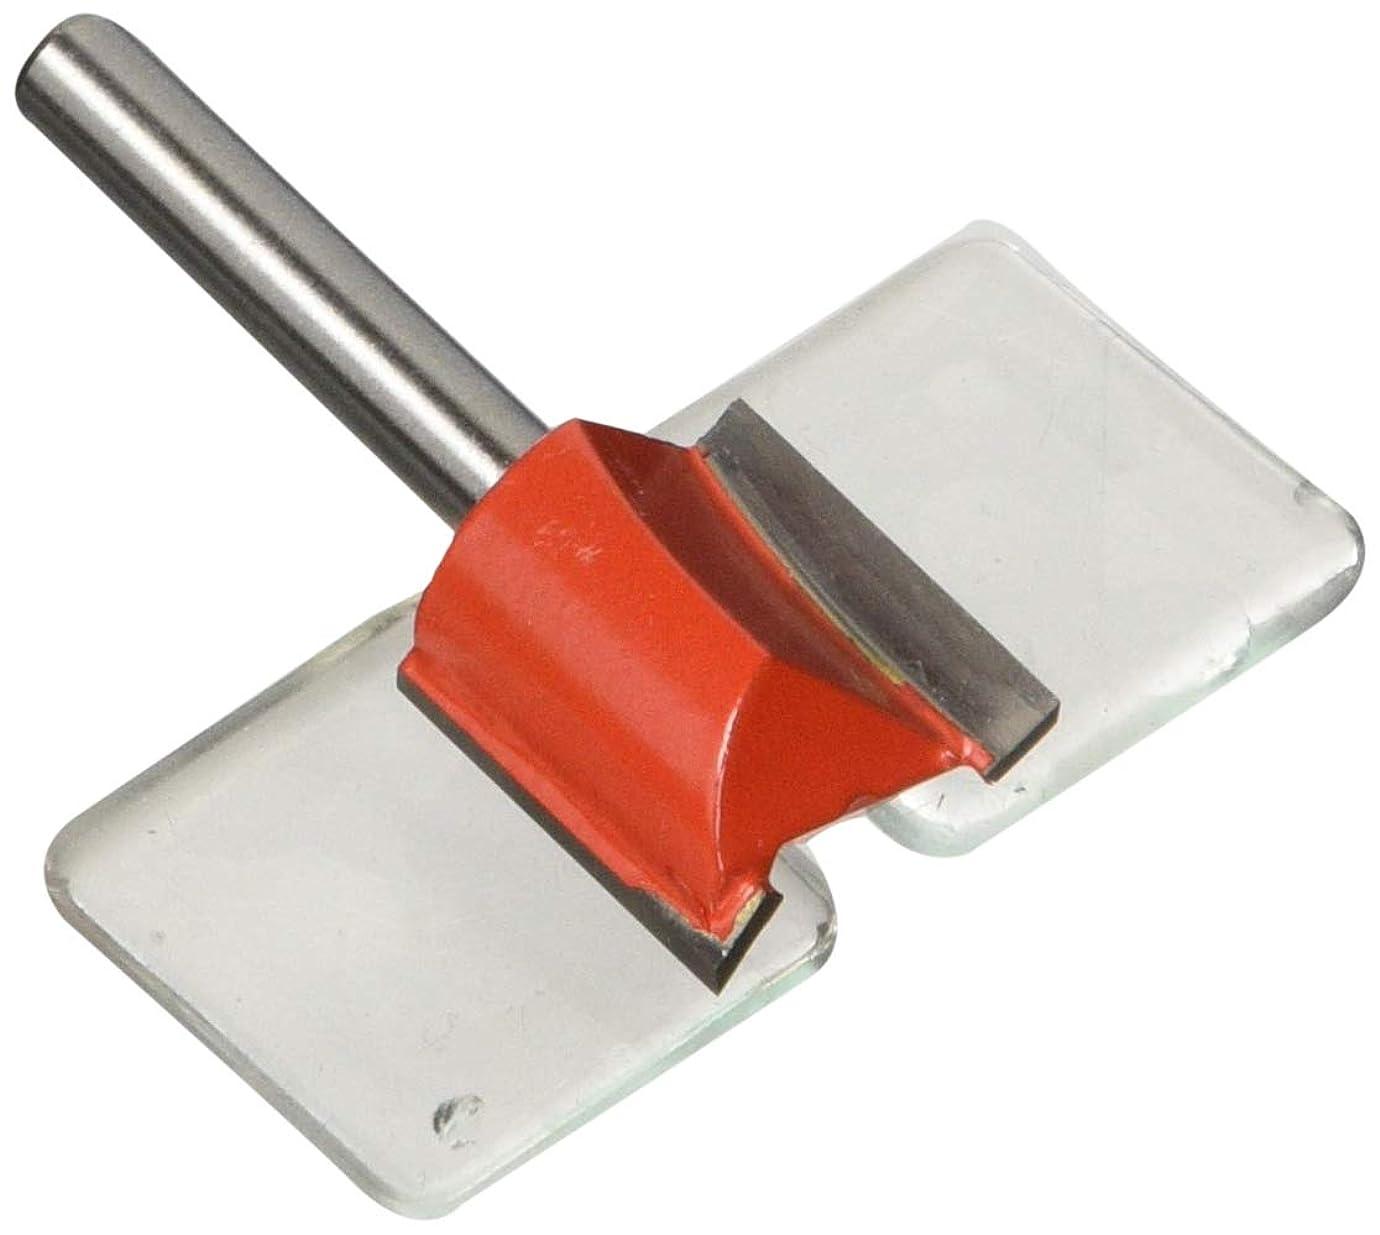 ドールちなみに引き算リリーフ(RELIEF) 超硬刃トリマービット ストレート 19mm φ6mm軸 30672